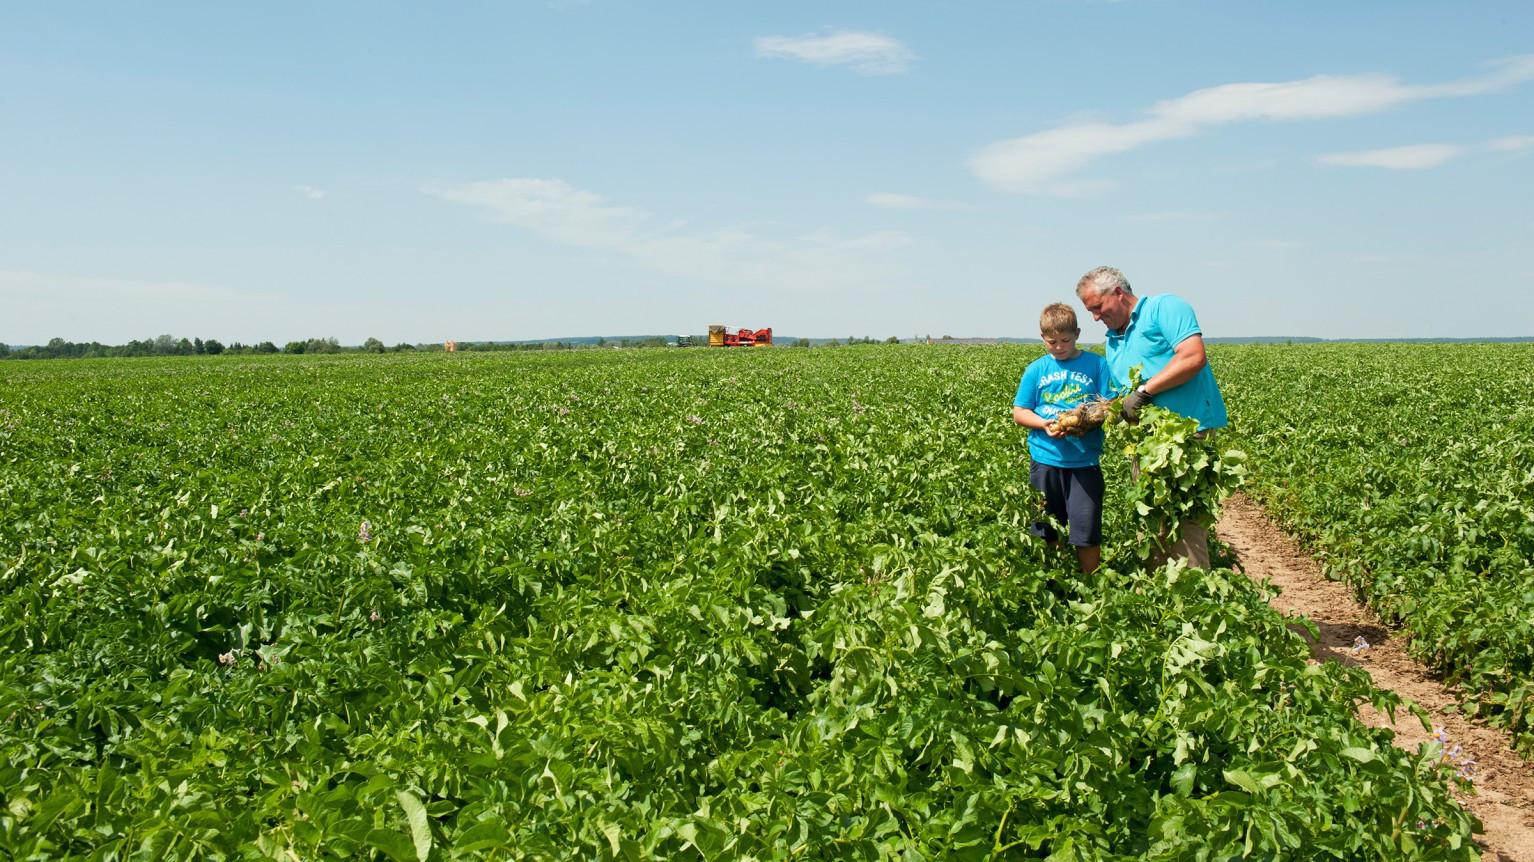 Kartoffel Bilder Zum Ausdrucken Inspirierend Position Zukunft Der Eu Agrarpolitik Nach 2020 Fotografieren